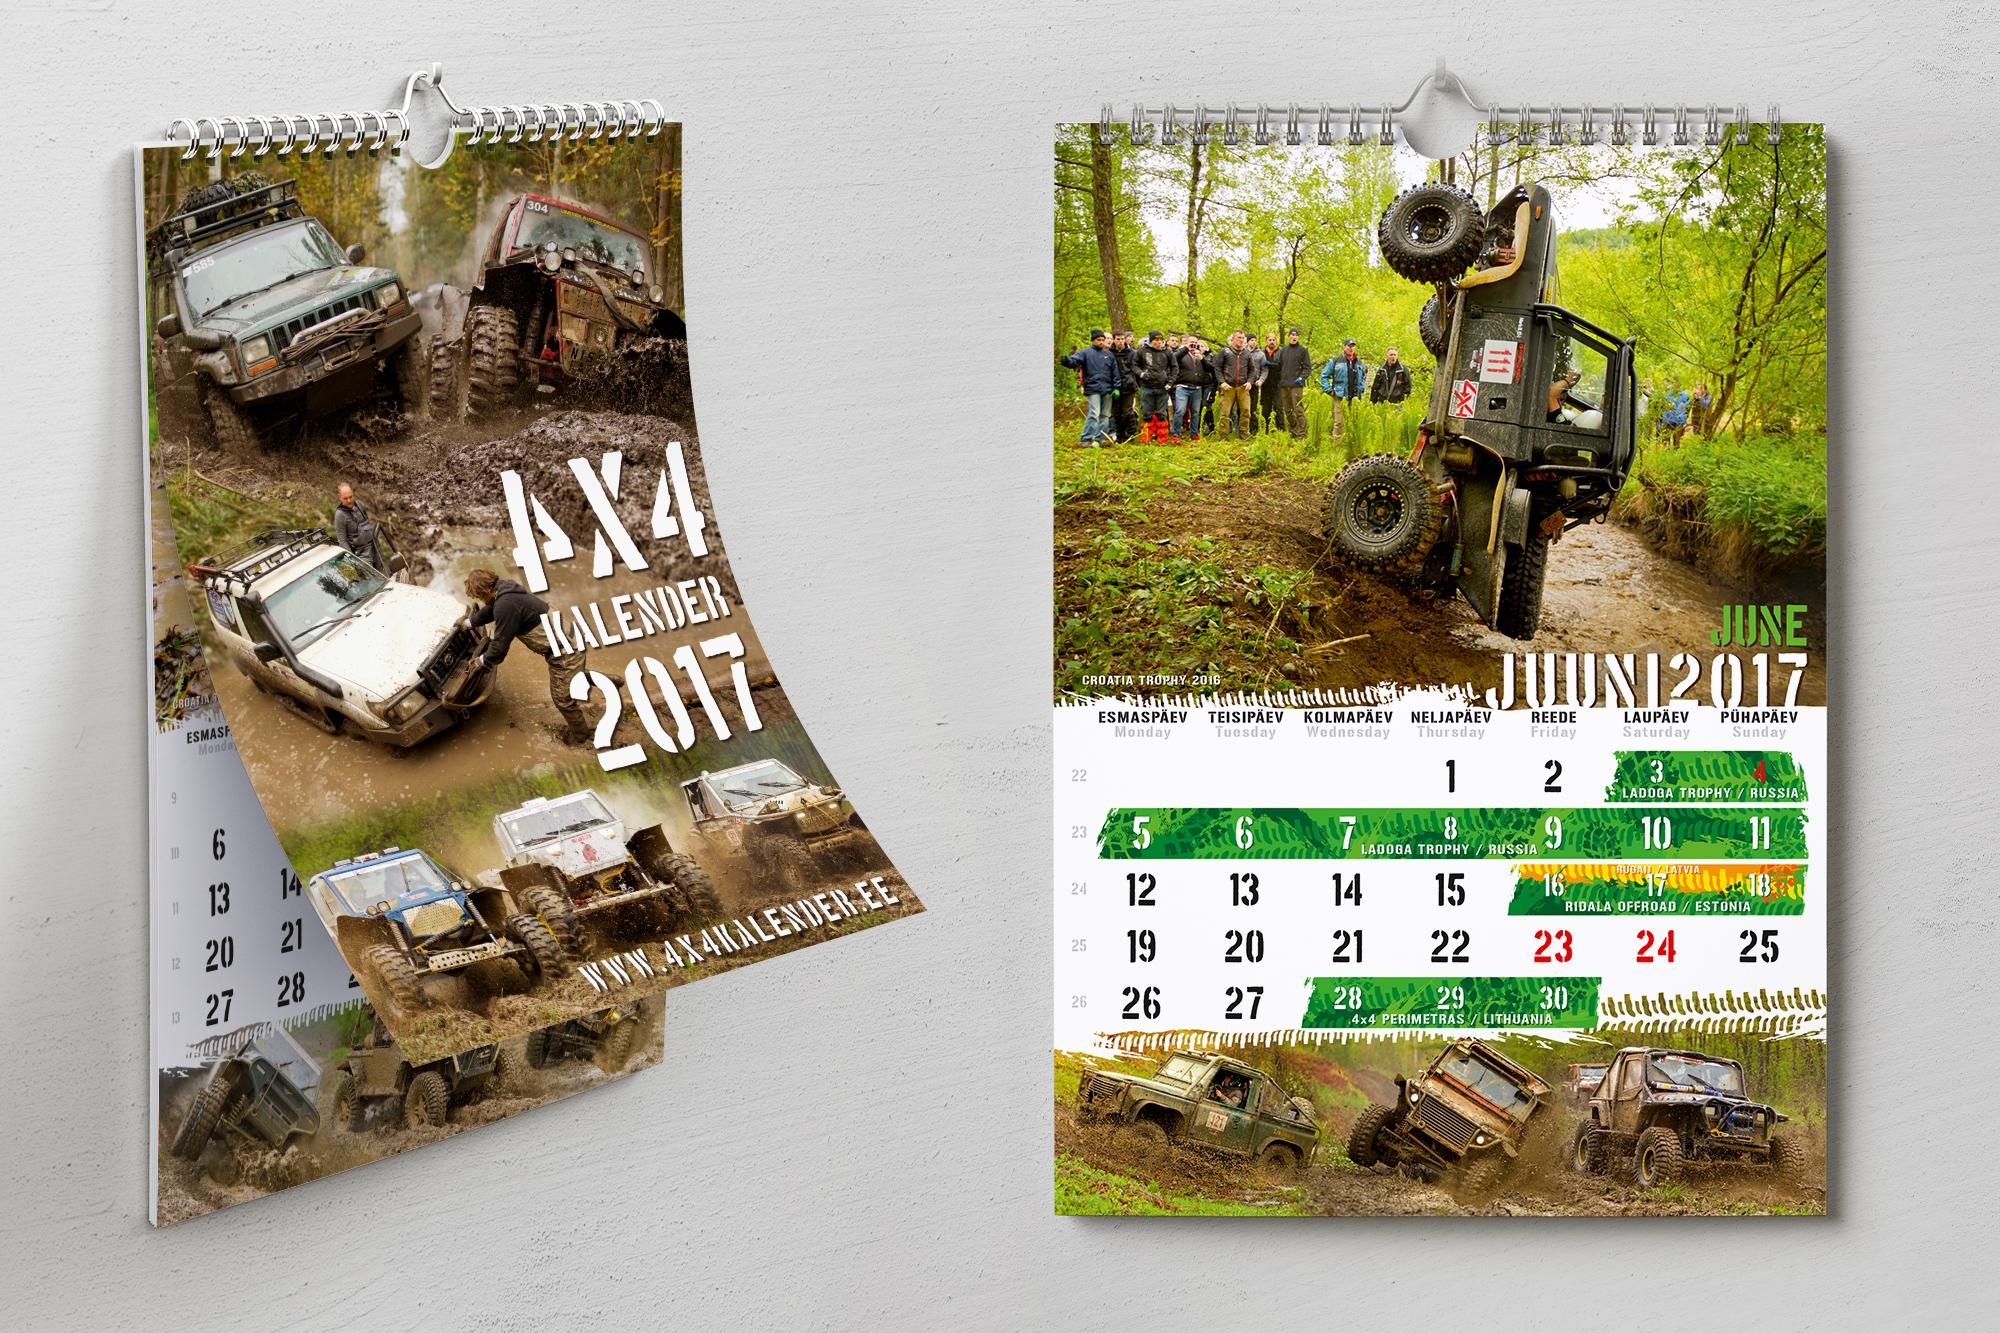 Kalendri kujundamine